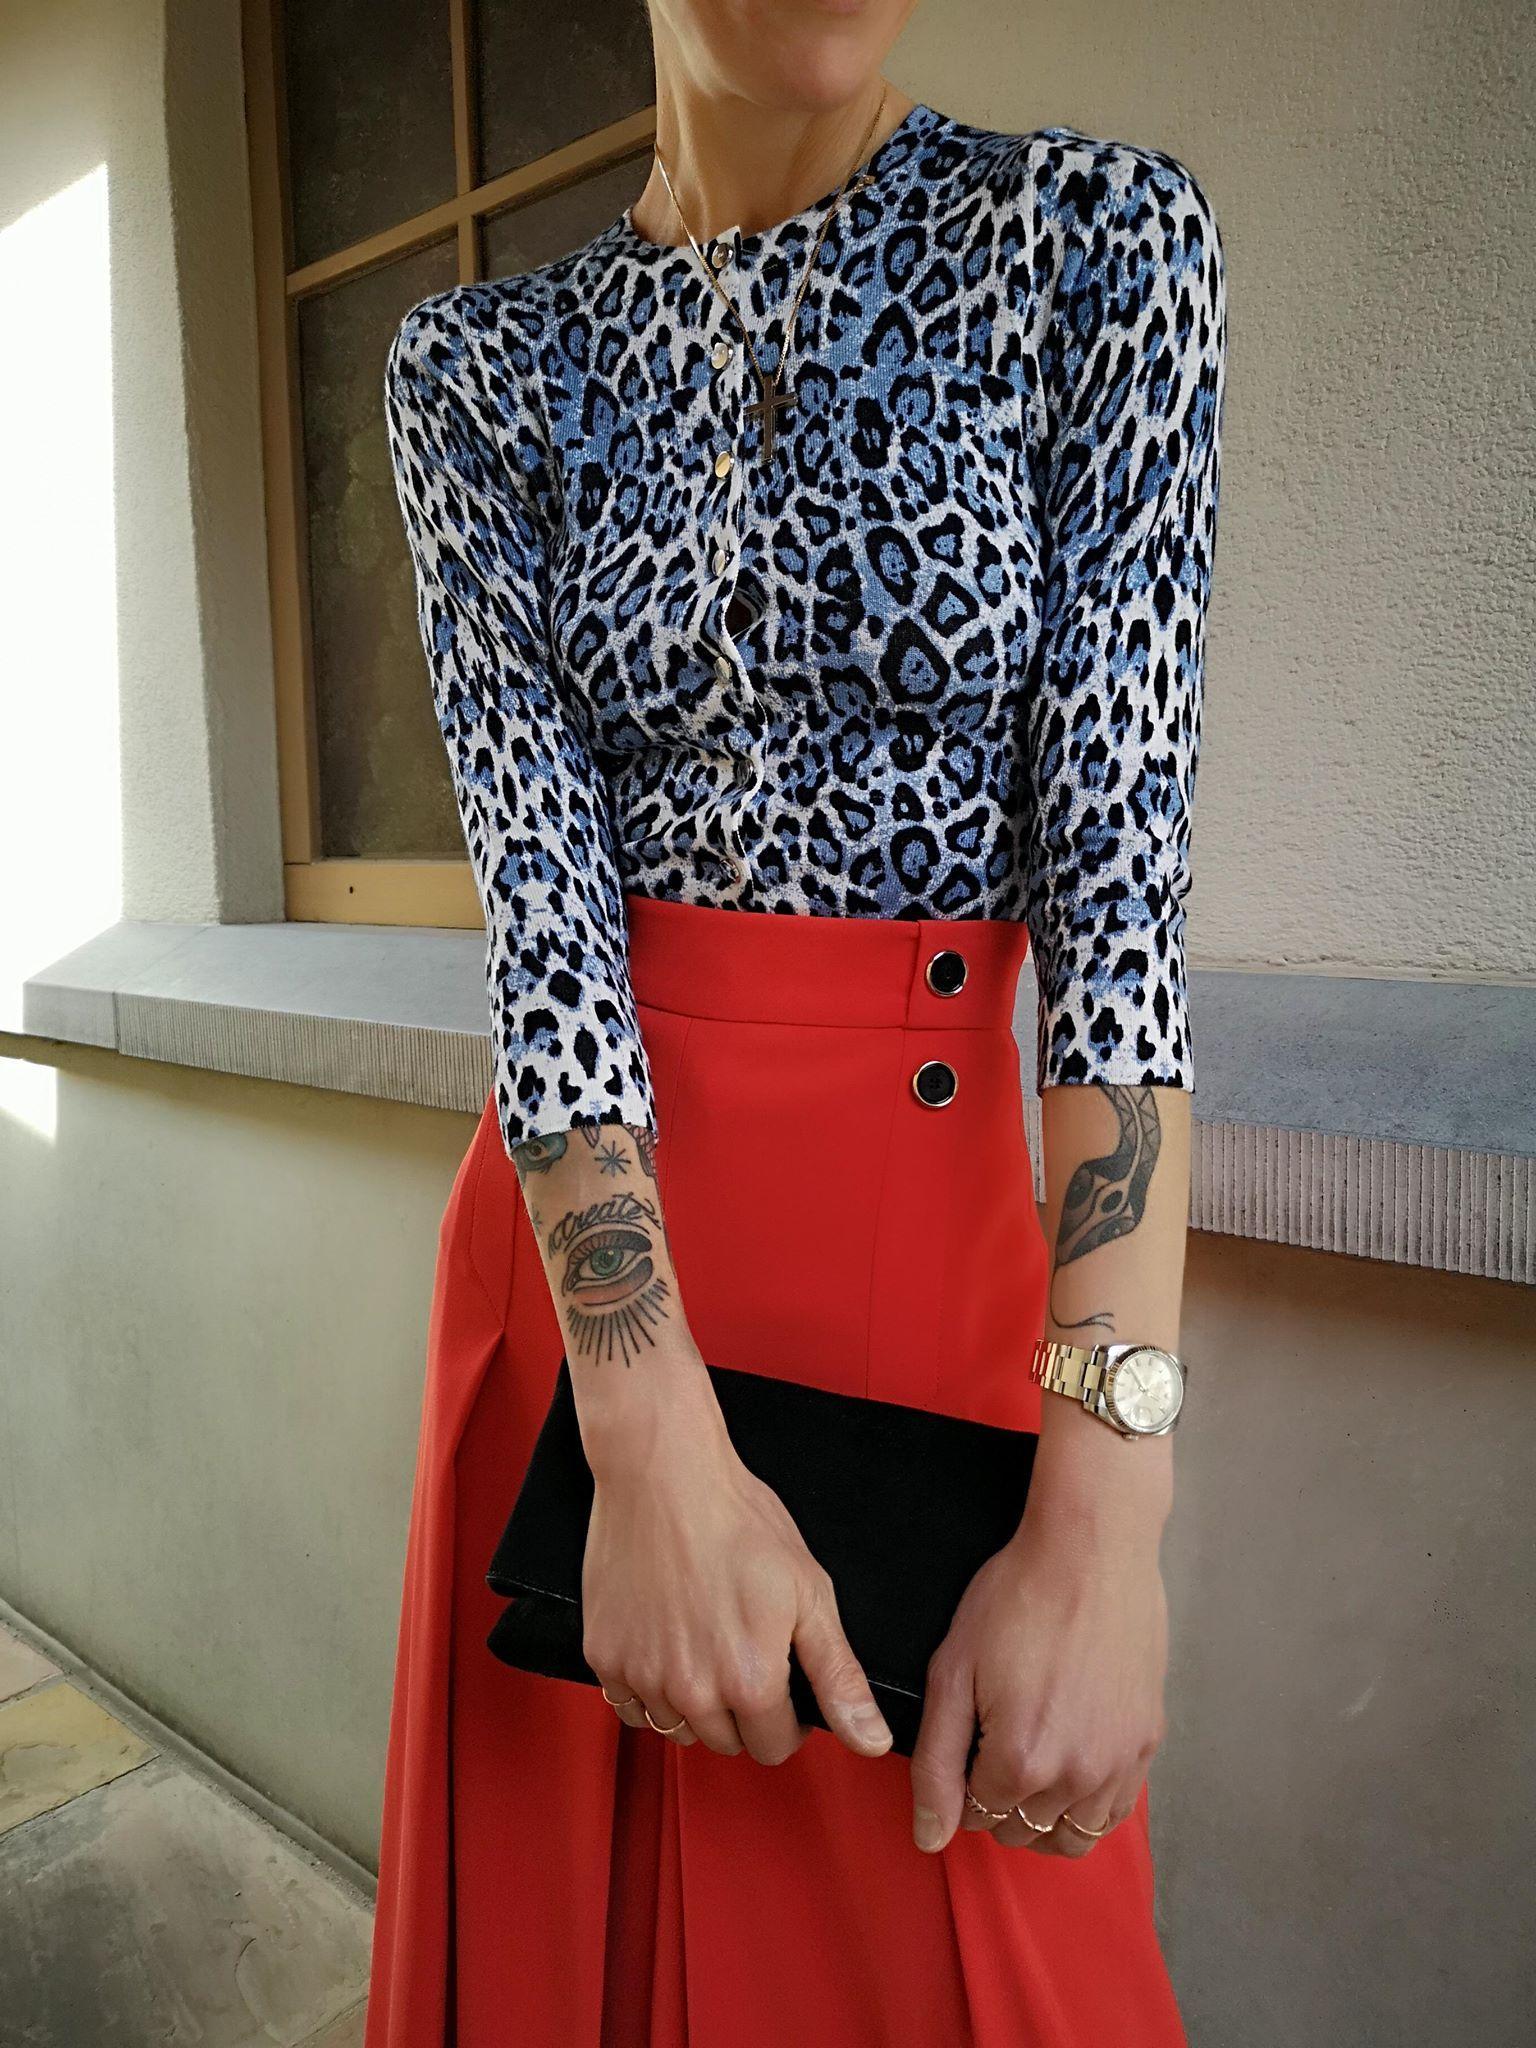 culottes ecartees belle paire de fesse